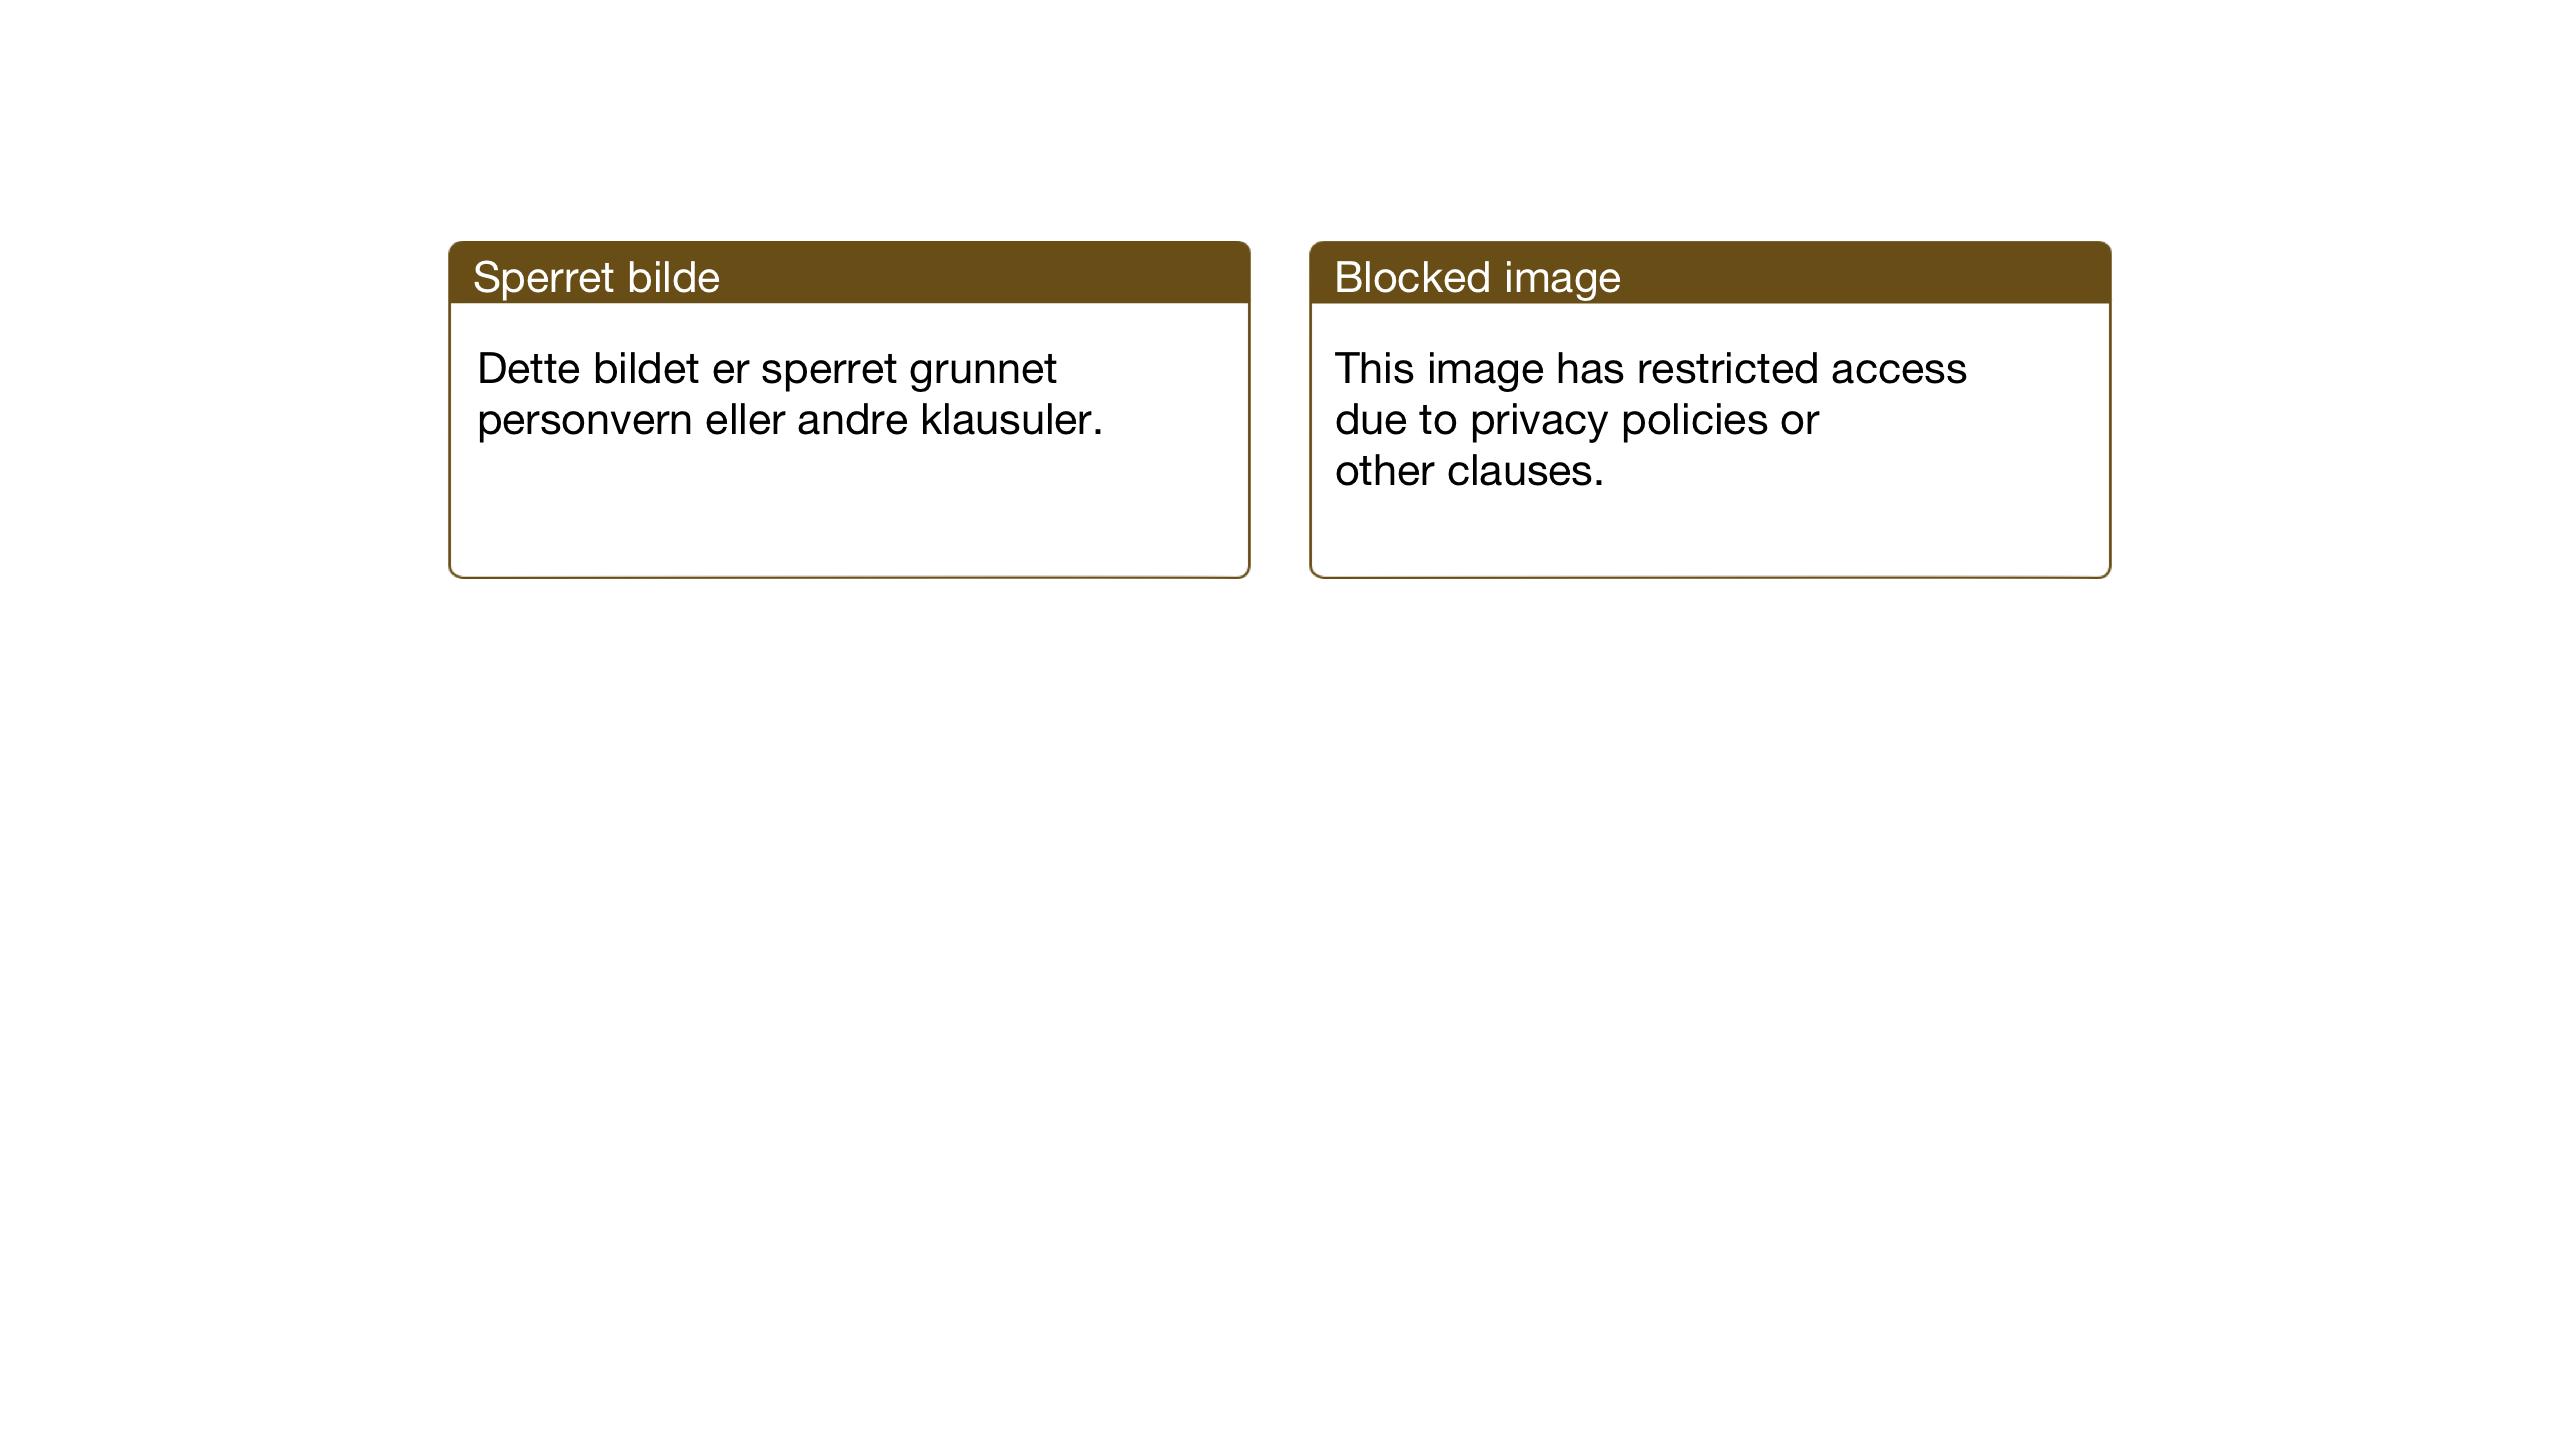 RA, Justisdepartementet, Sivilavdelingen (RA/S-6490), 1998-1999, s. 1